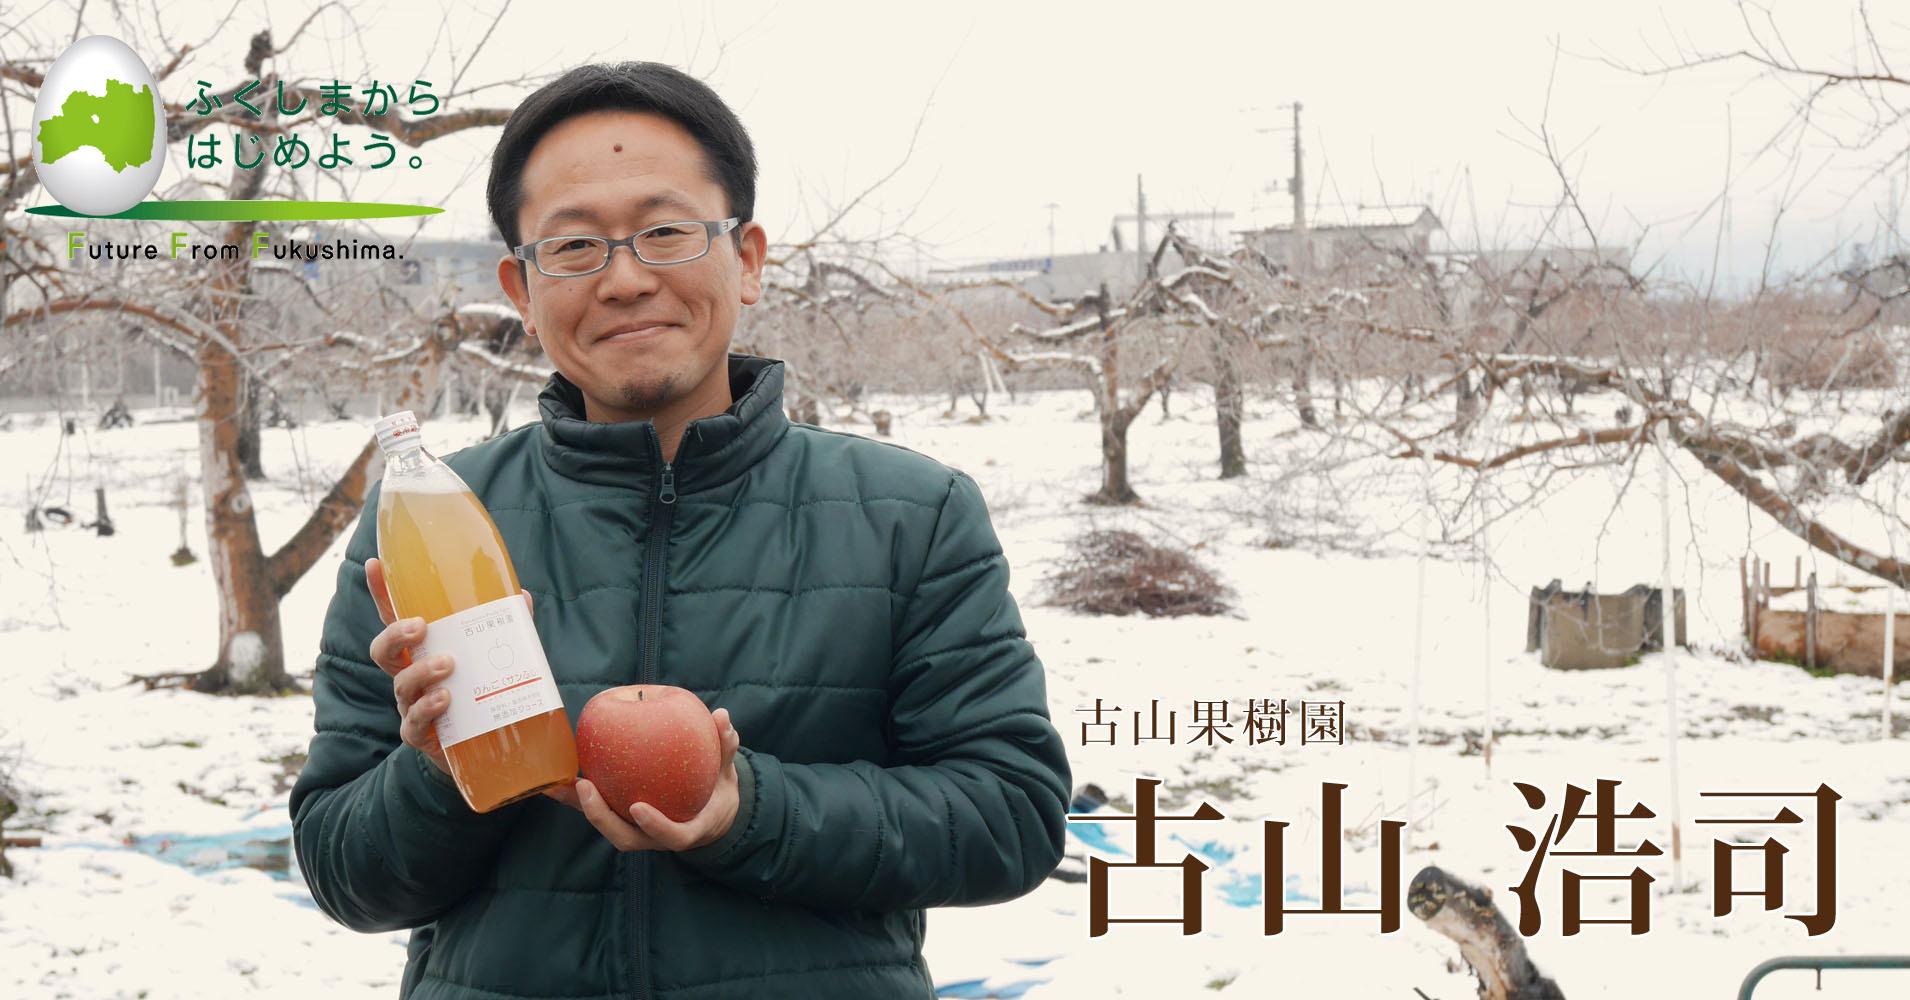 自分発信のブランド名を作る! 一つ一つの果樹に責任を持ち、福島の果樹をNO.1へ。